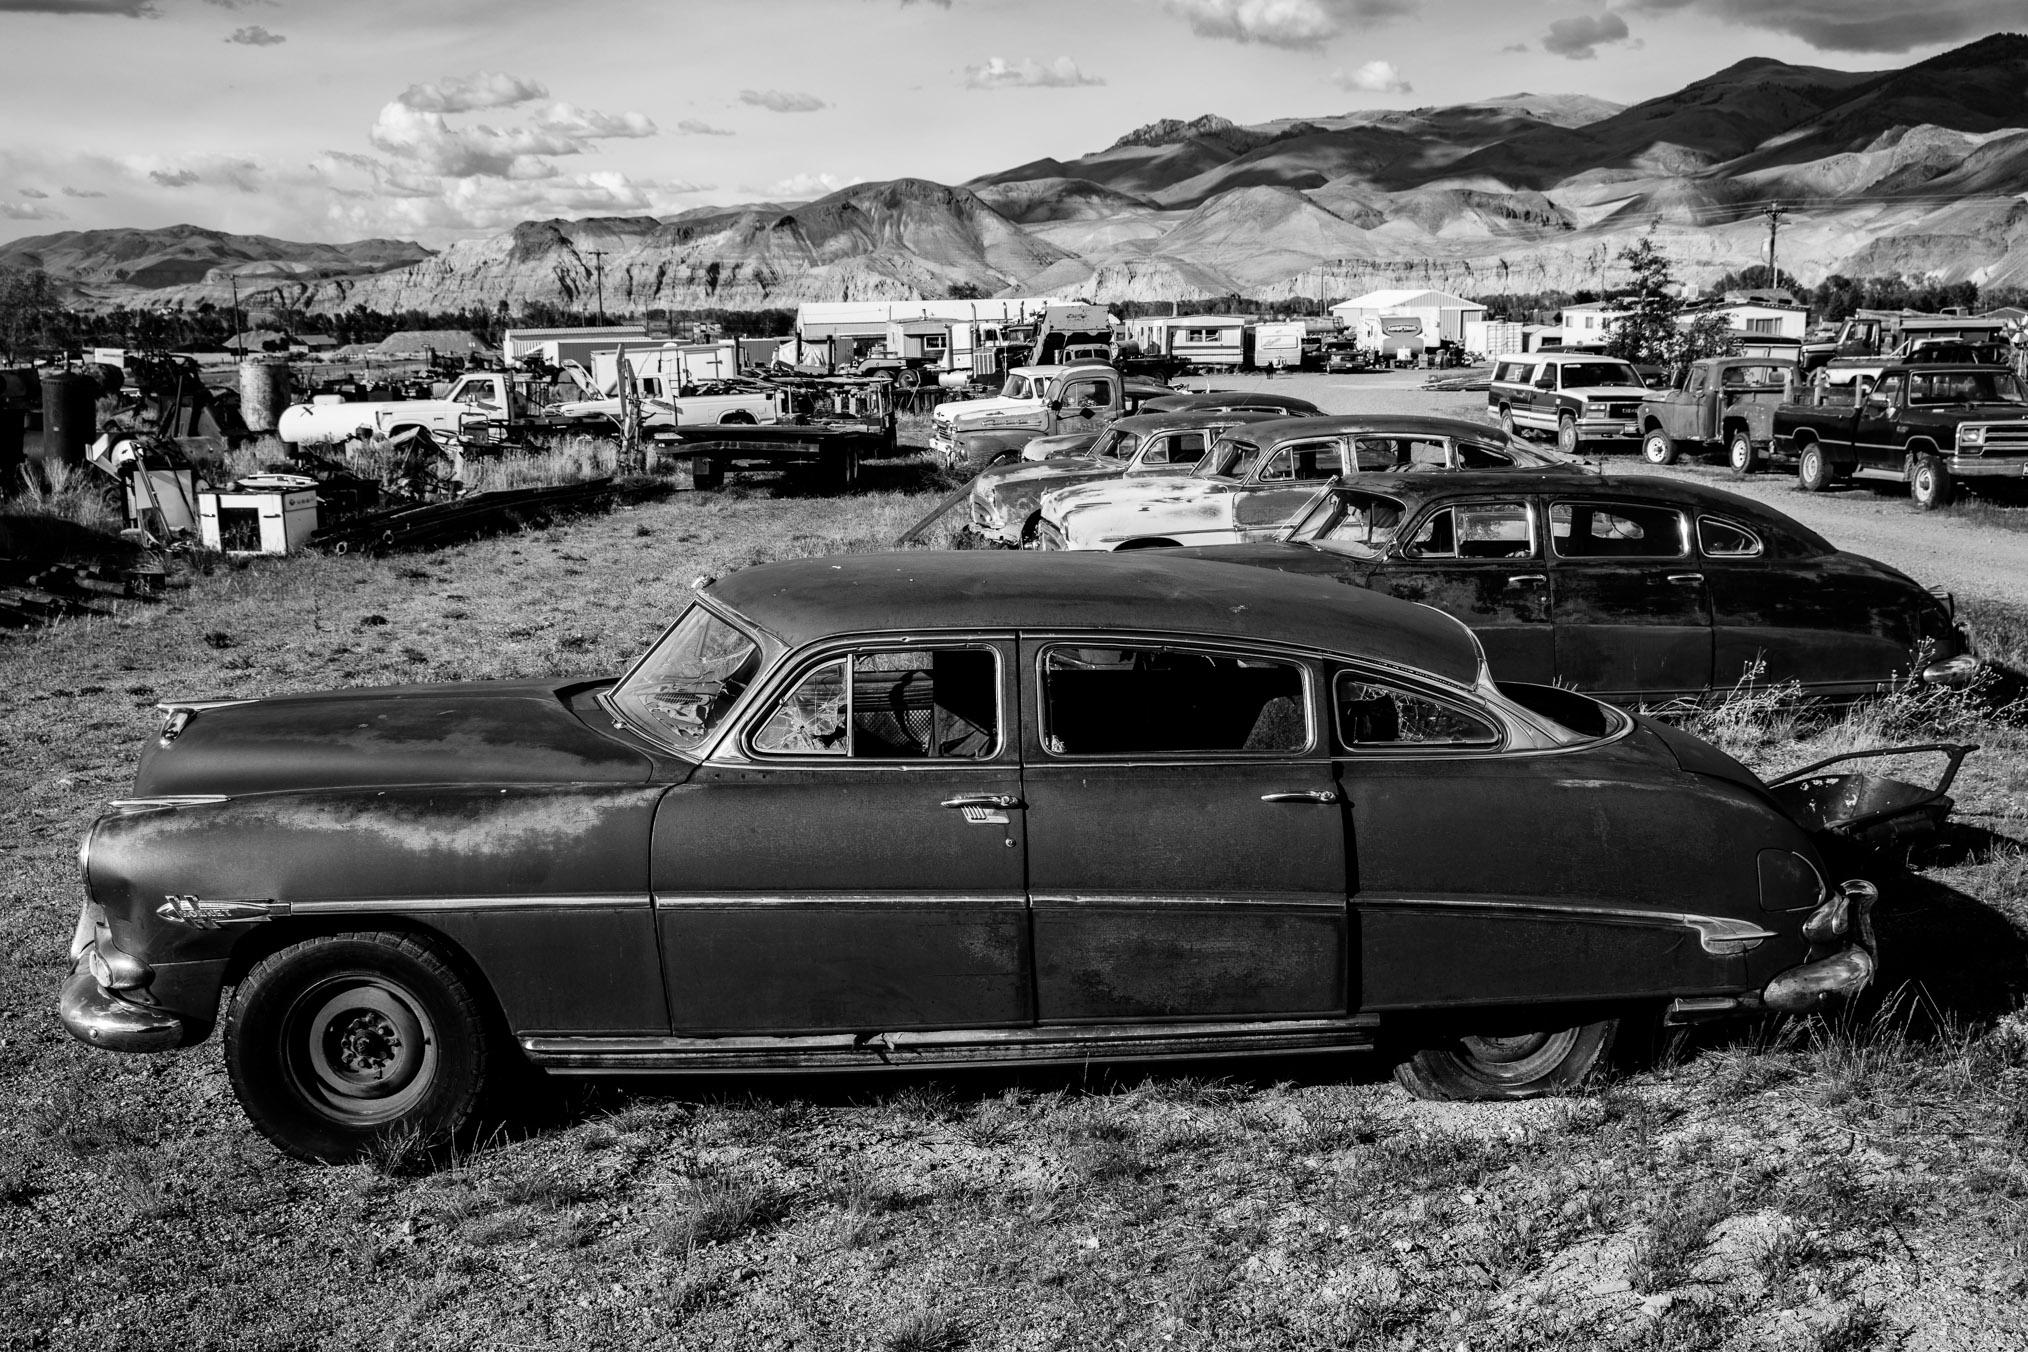 car junkyard.jpg